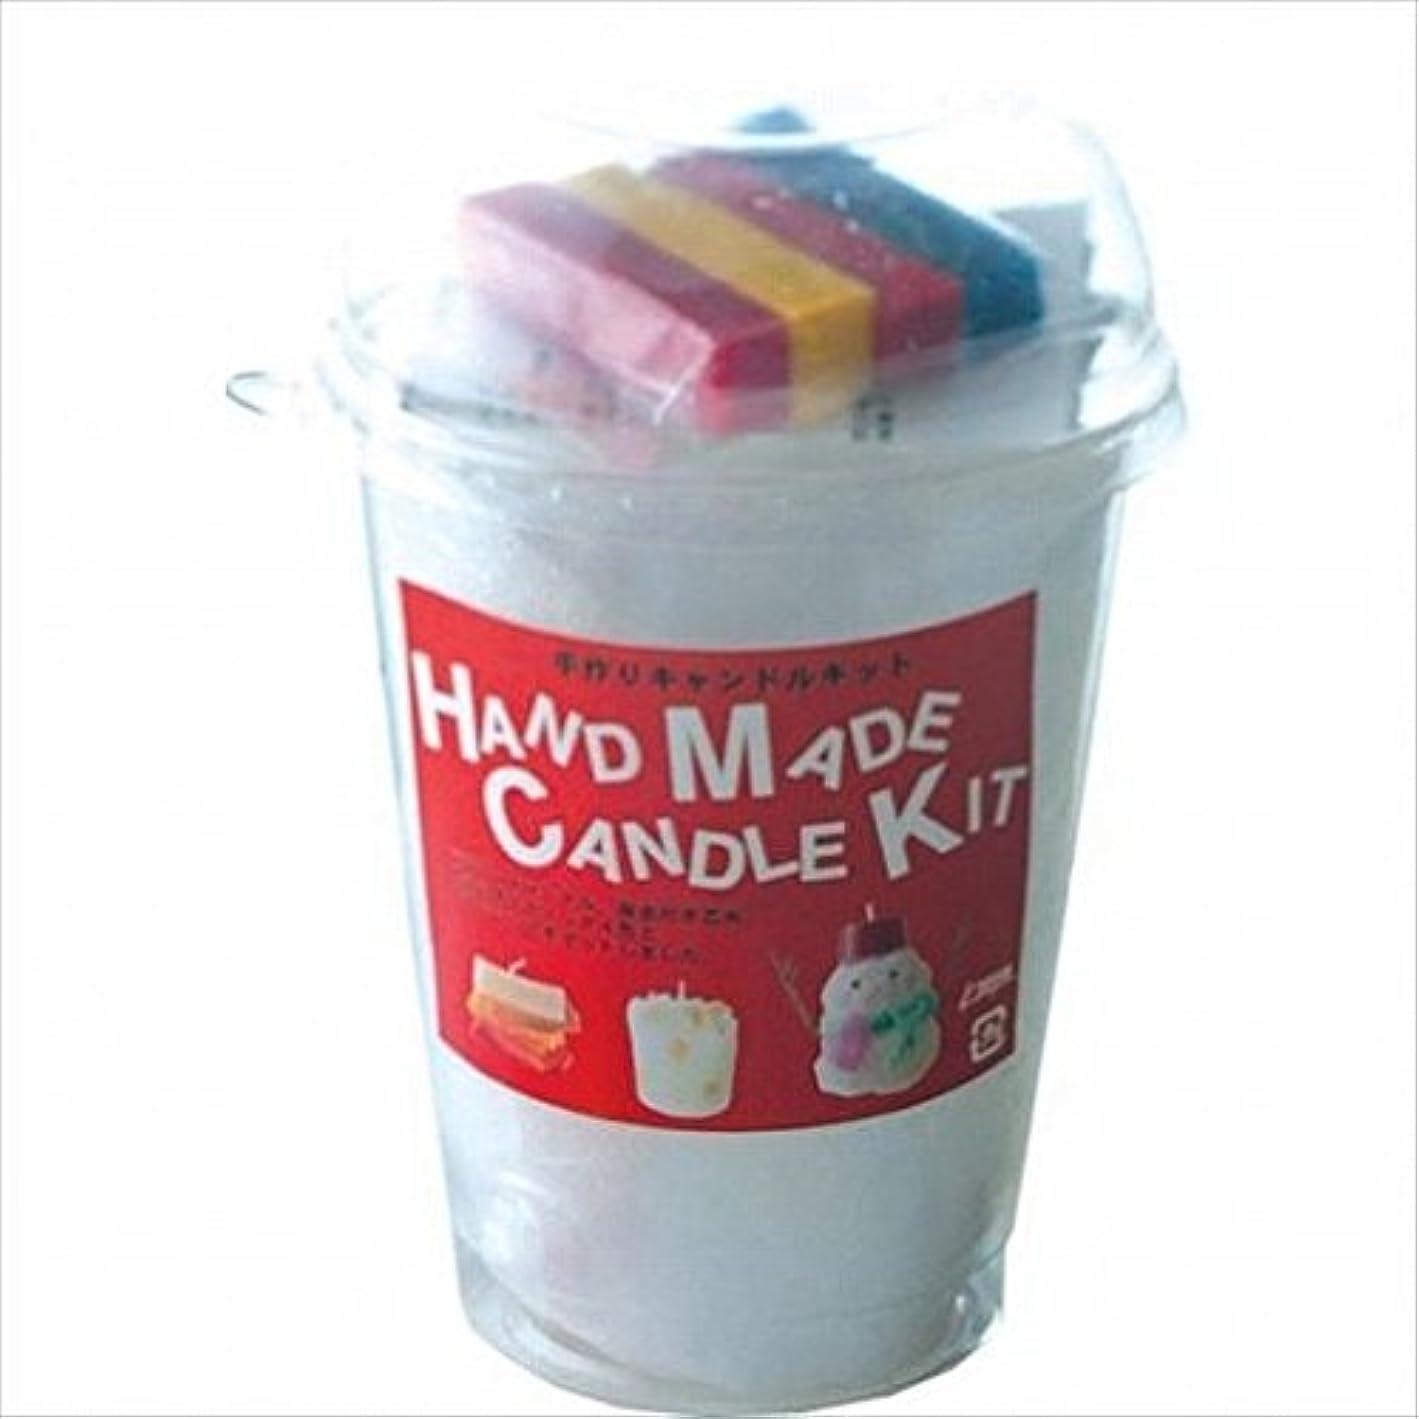 消化器地域粘液kameyama candle(カメヤマキャンドル) 手作りキャンドルキット(A1030000)